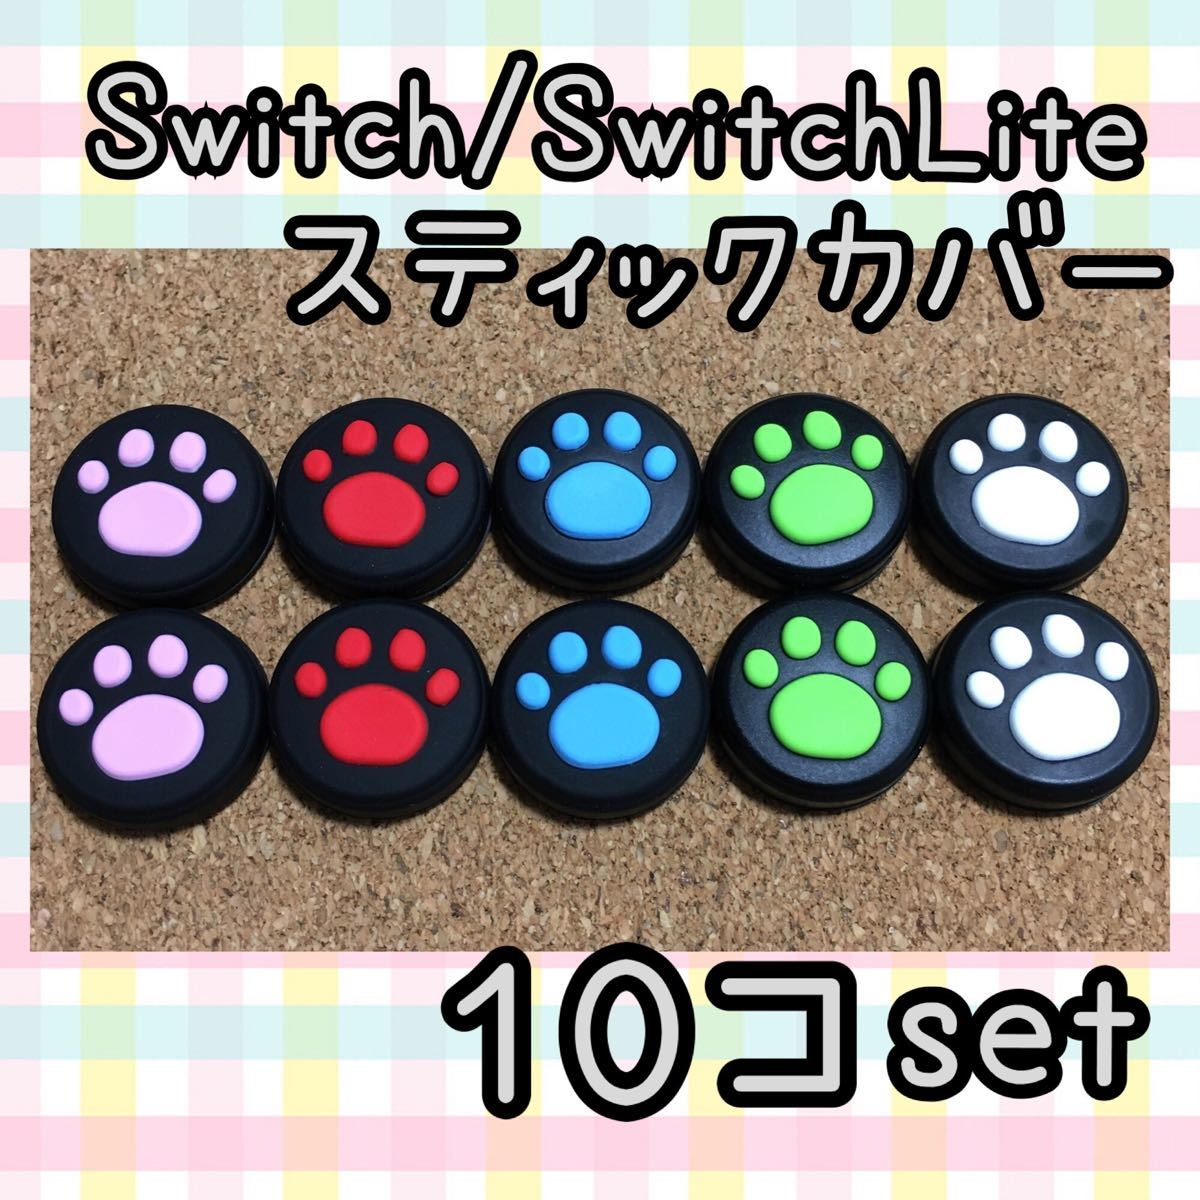 スイッチ ジョイコン スティックカバー 肉球 黒地5色10個セット Nintendo Switch ライト Lite